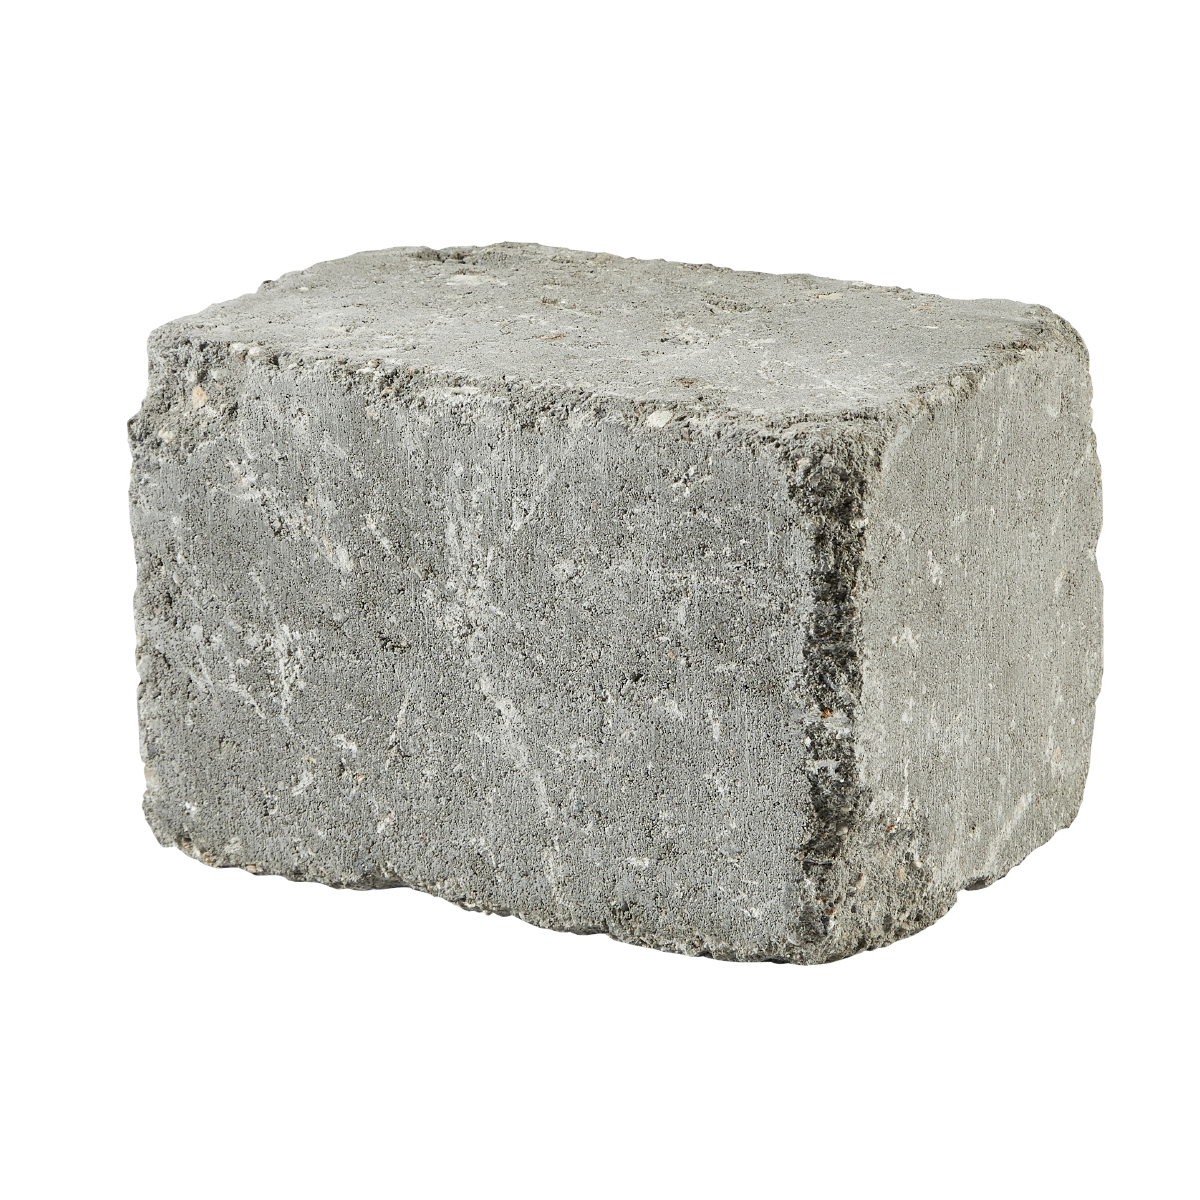 Holmegaardsten® 14x21x14 cm Grå Kantblokke